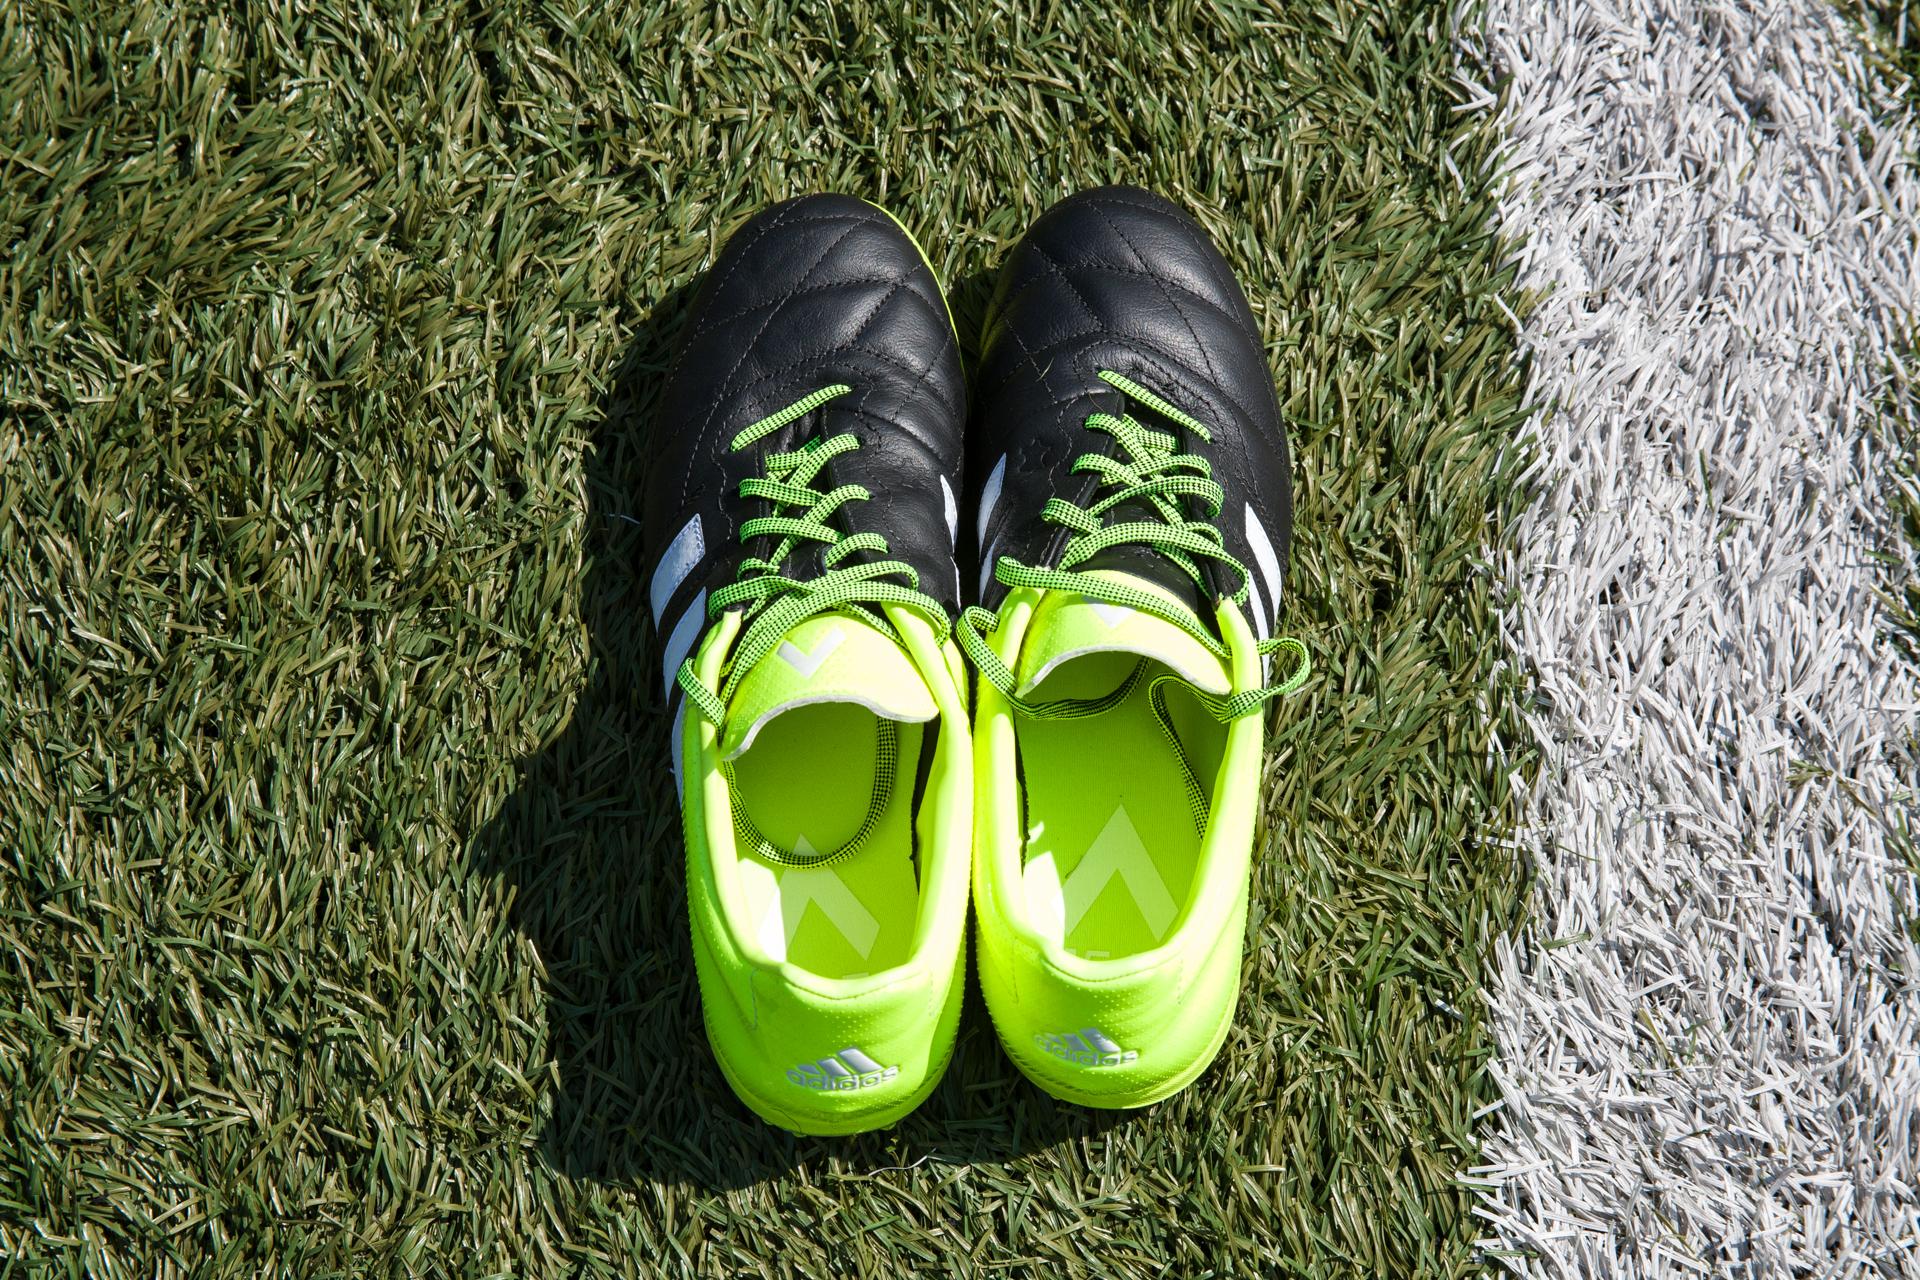 newest b0b07 4b1cf Adidas ACE 15.3 TF Leather первые впечатления.